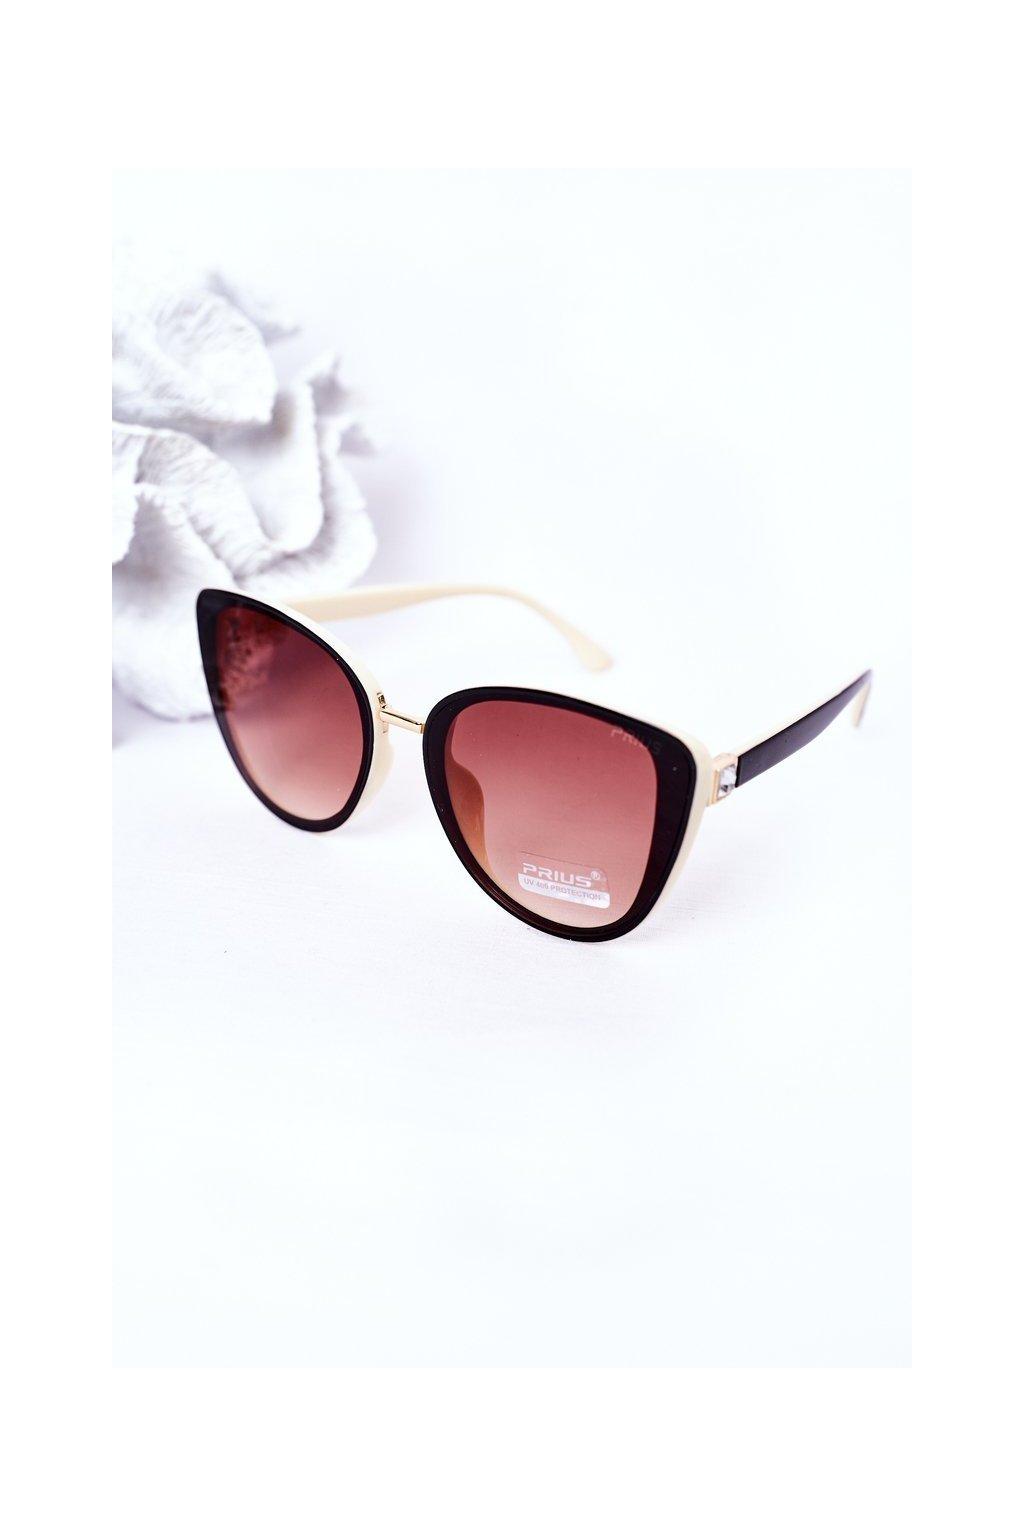 Módne slnečné okuliare béžovo-hnedé PRIUS Eyewear PRIUS005 BEIGE/BROWN